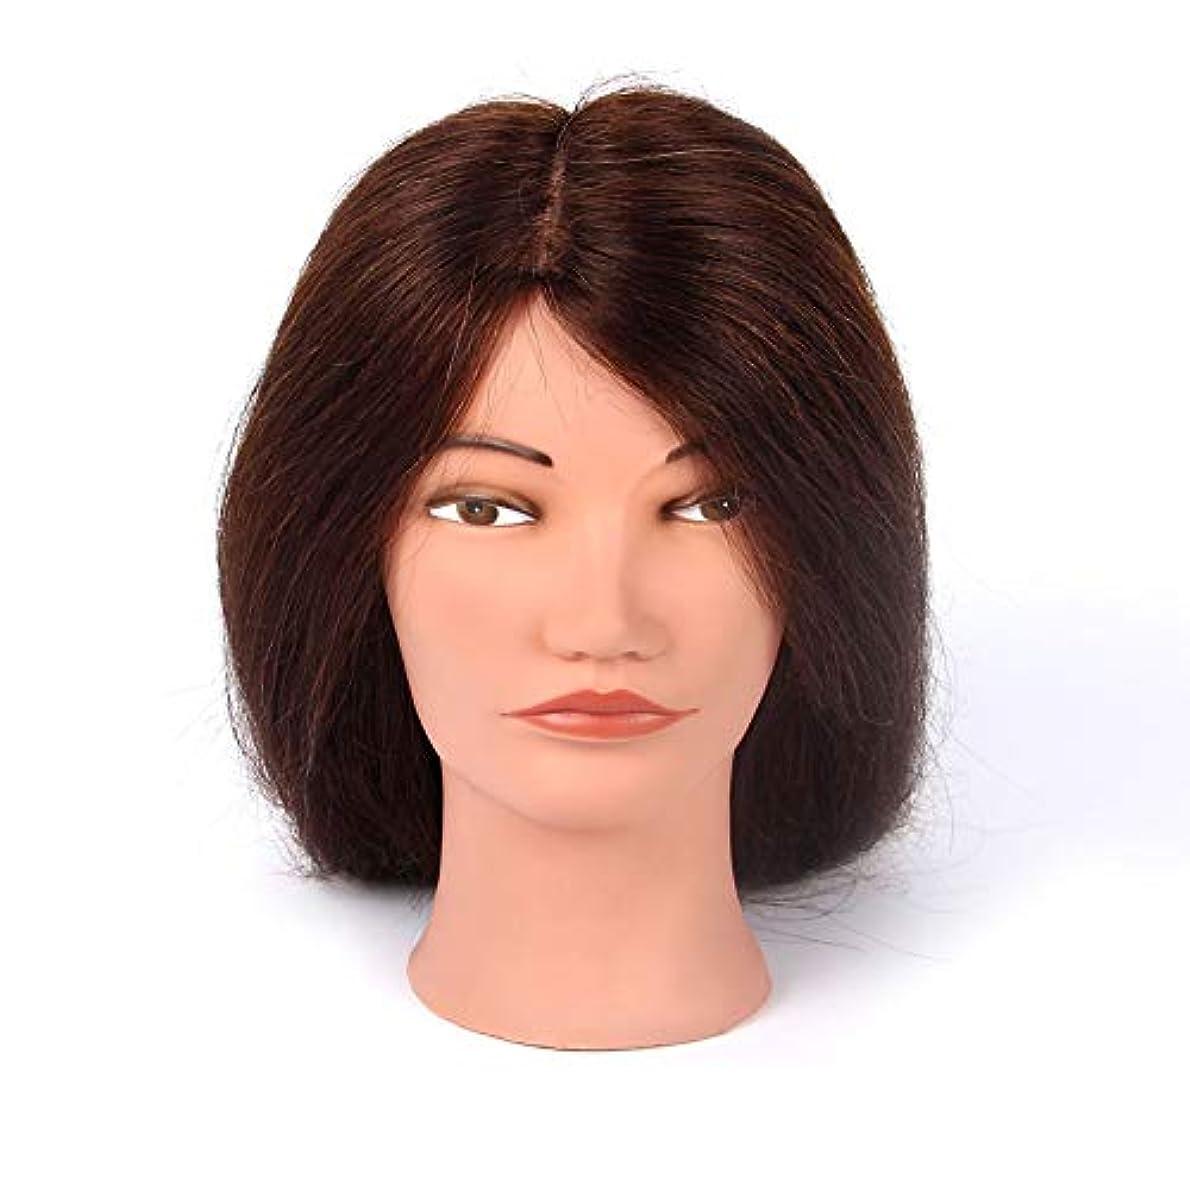 噴出するおもしろい災害理髪練習ヘッド吹くホットロールダミーヘッドパーマ髪の染め指導ヘッドメイクアップヘアスタイリングモデルヘッド